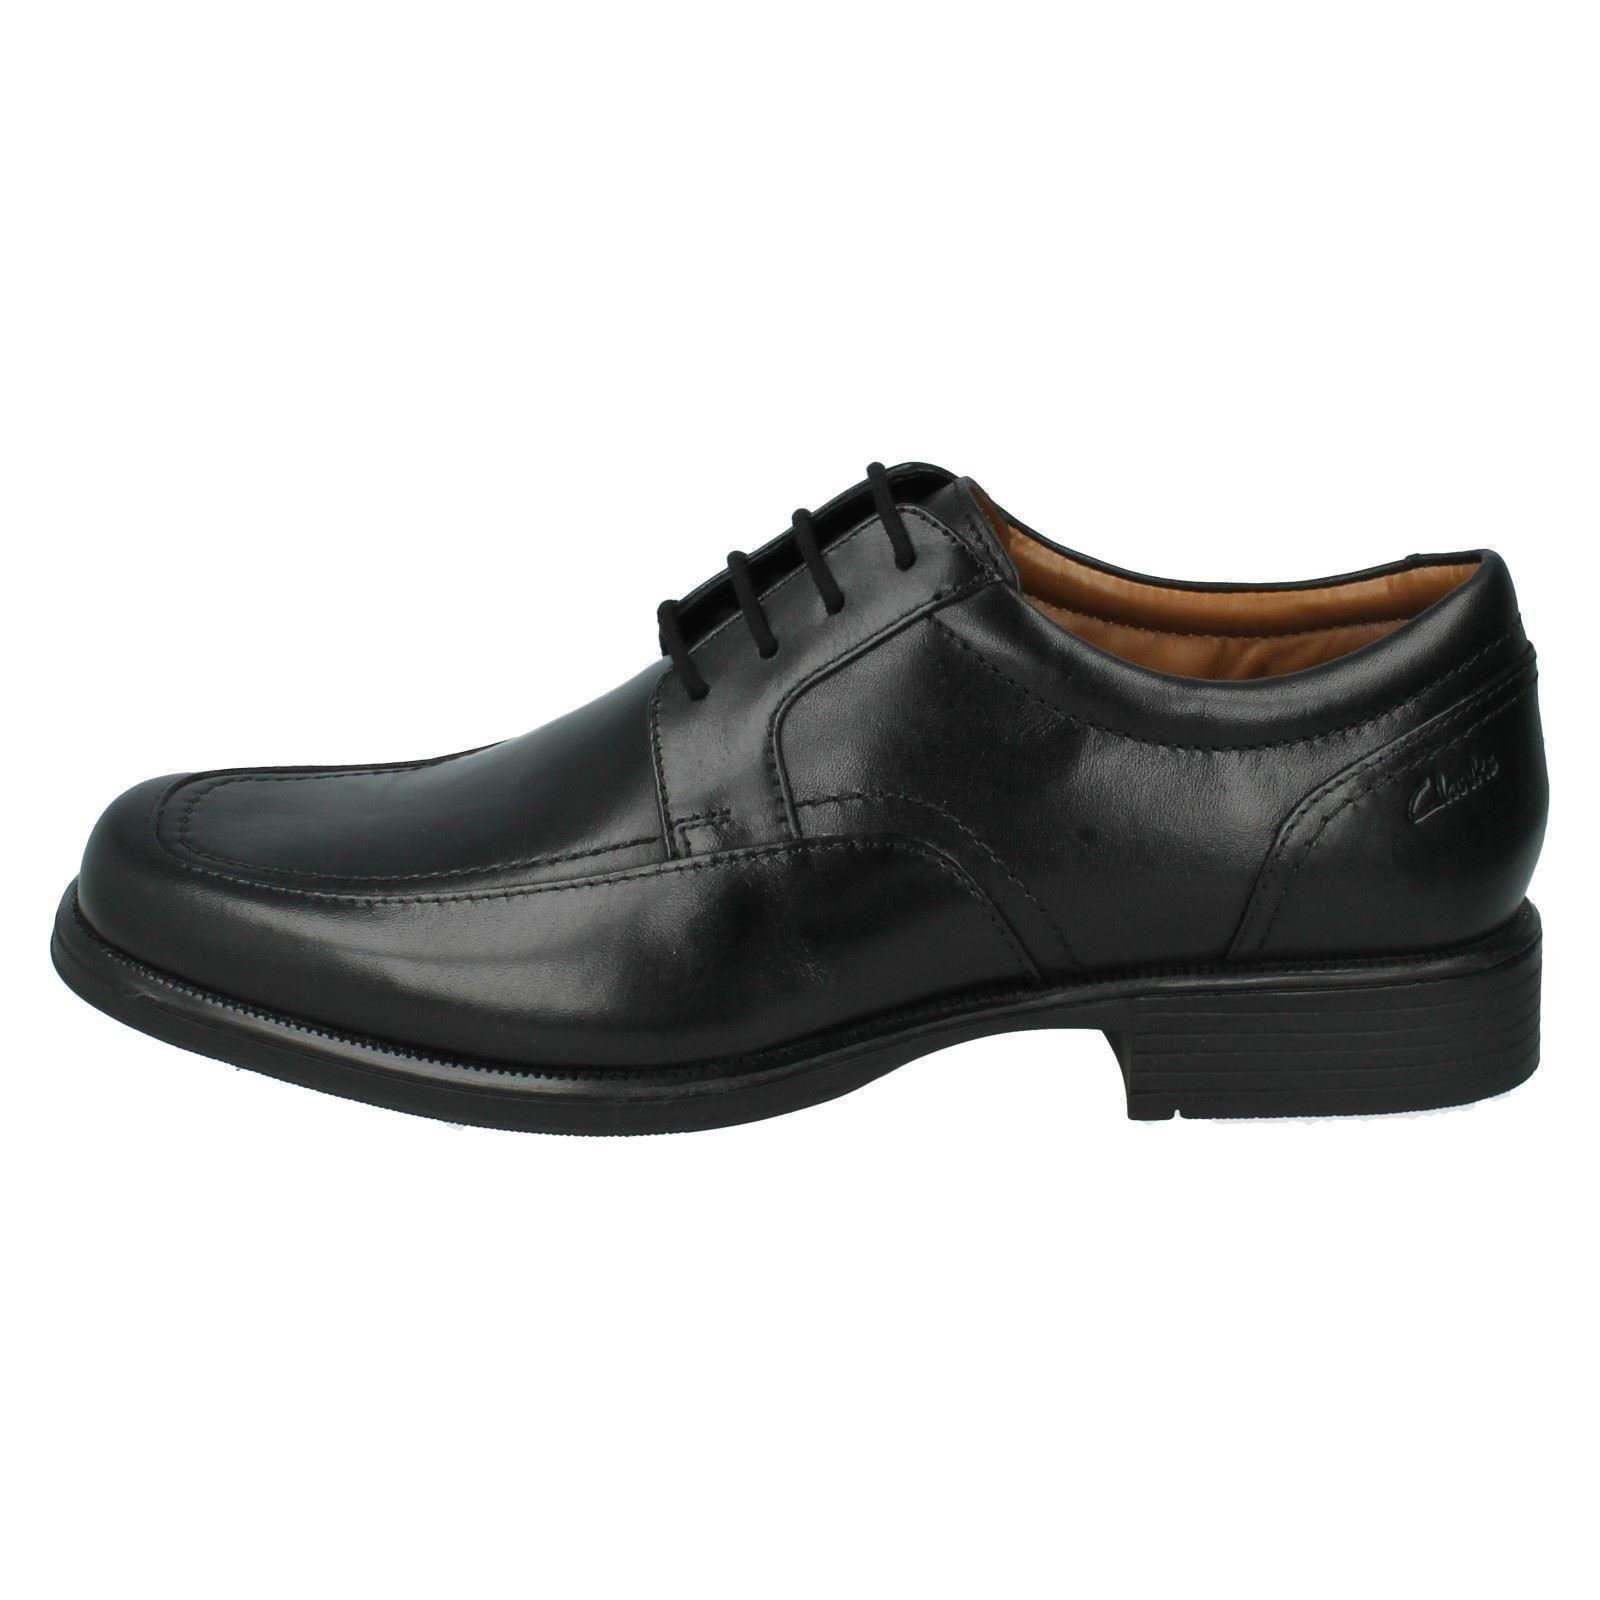 Para Hombre Clarks lazada Zapatos Zapatos lazada el estilo-huckley Primavera cc15f0